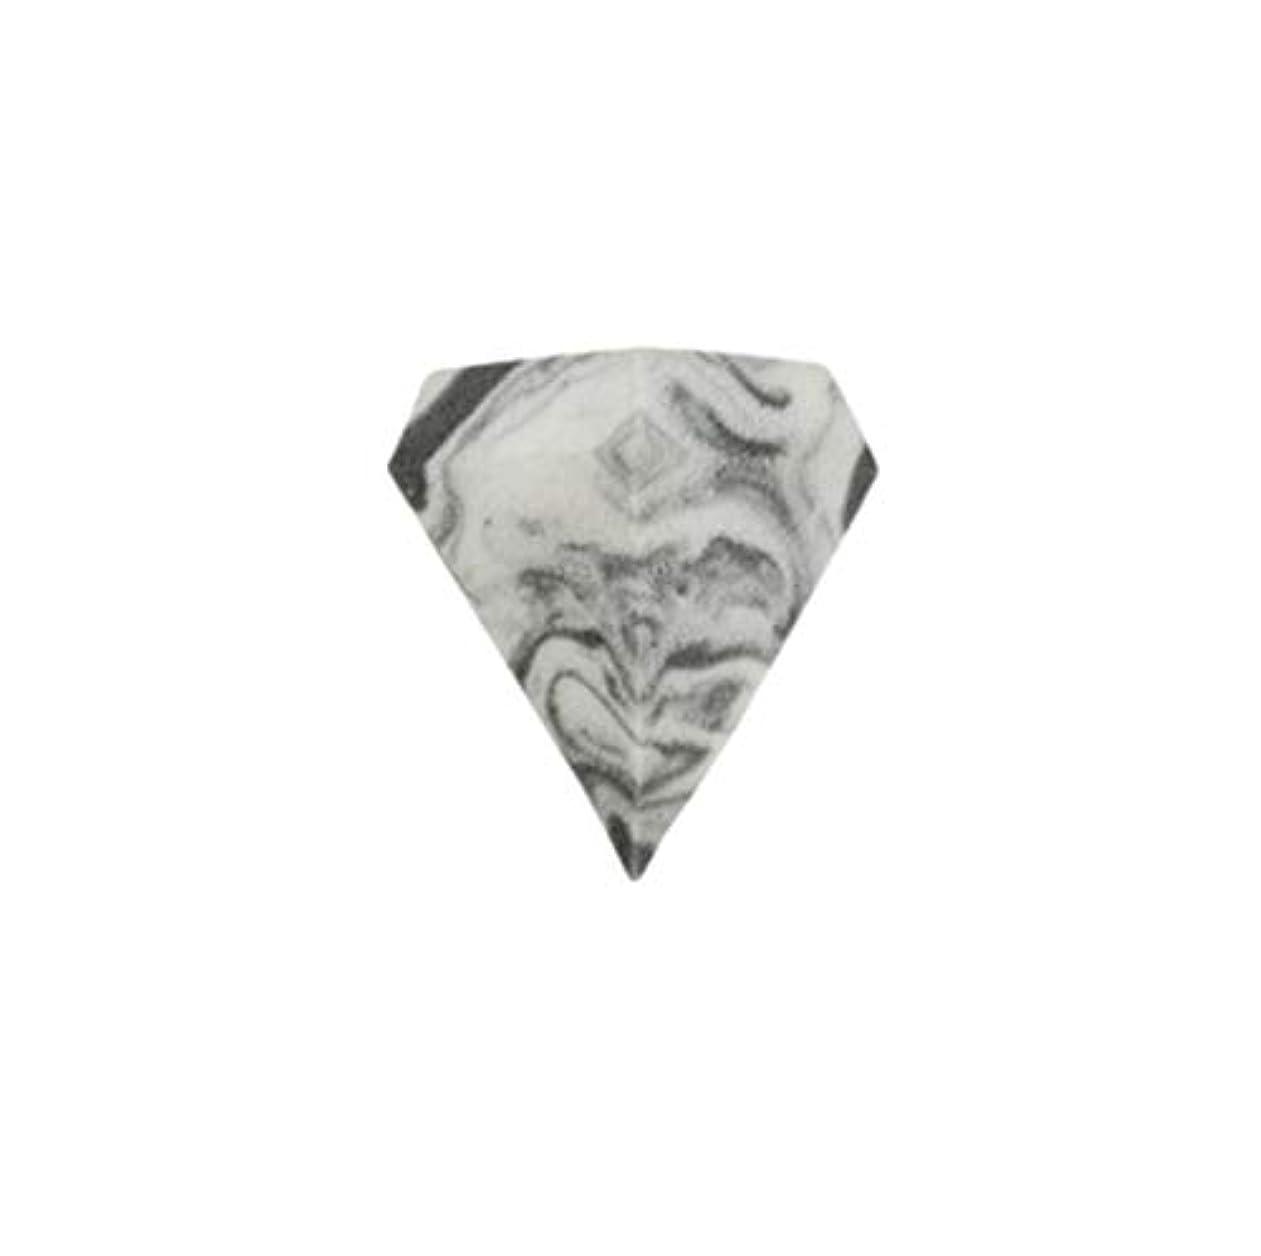 エレベーター取るギャング美のスポンジ、柔らかいダイヤモンド形の構造の混合物の基礎スポンジ